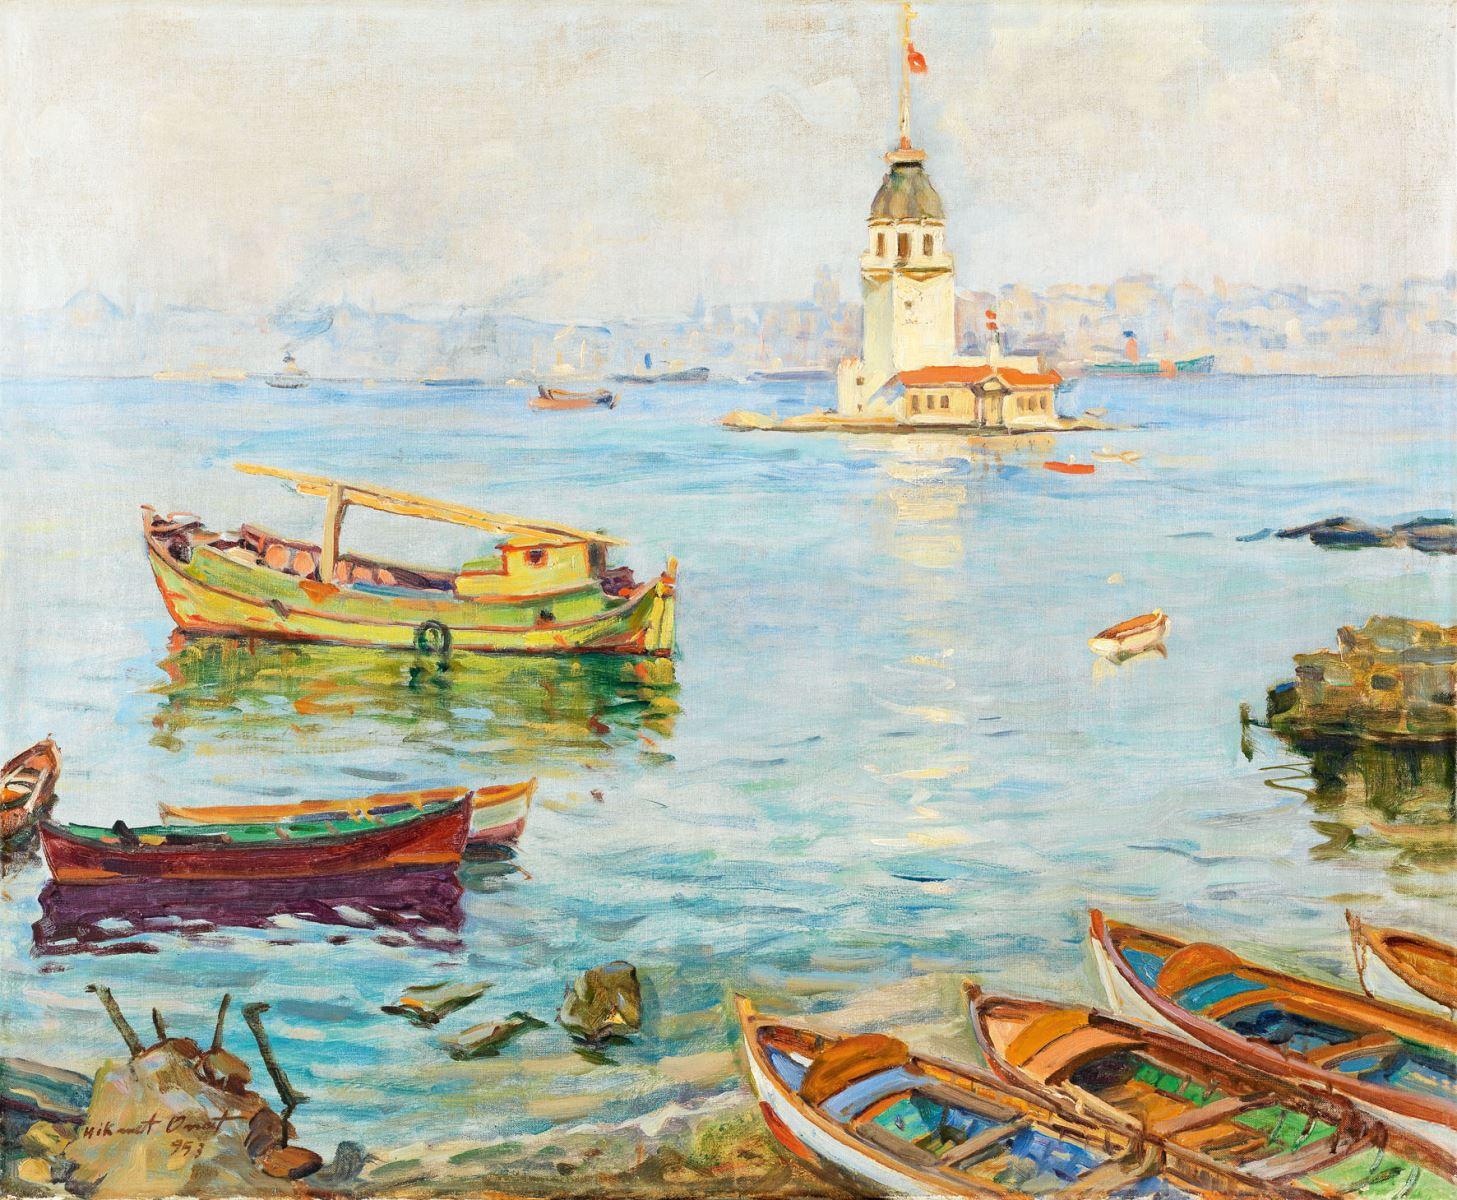 çağdaş türk resim sanatı ile ilgili görsel sonucu